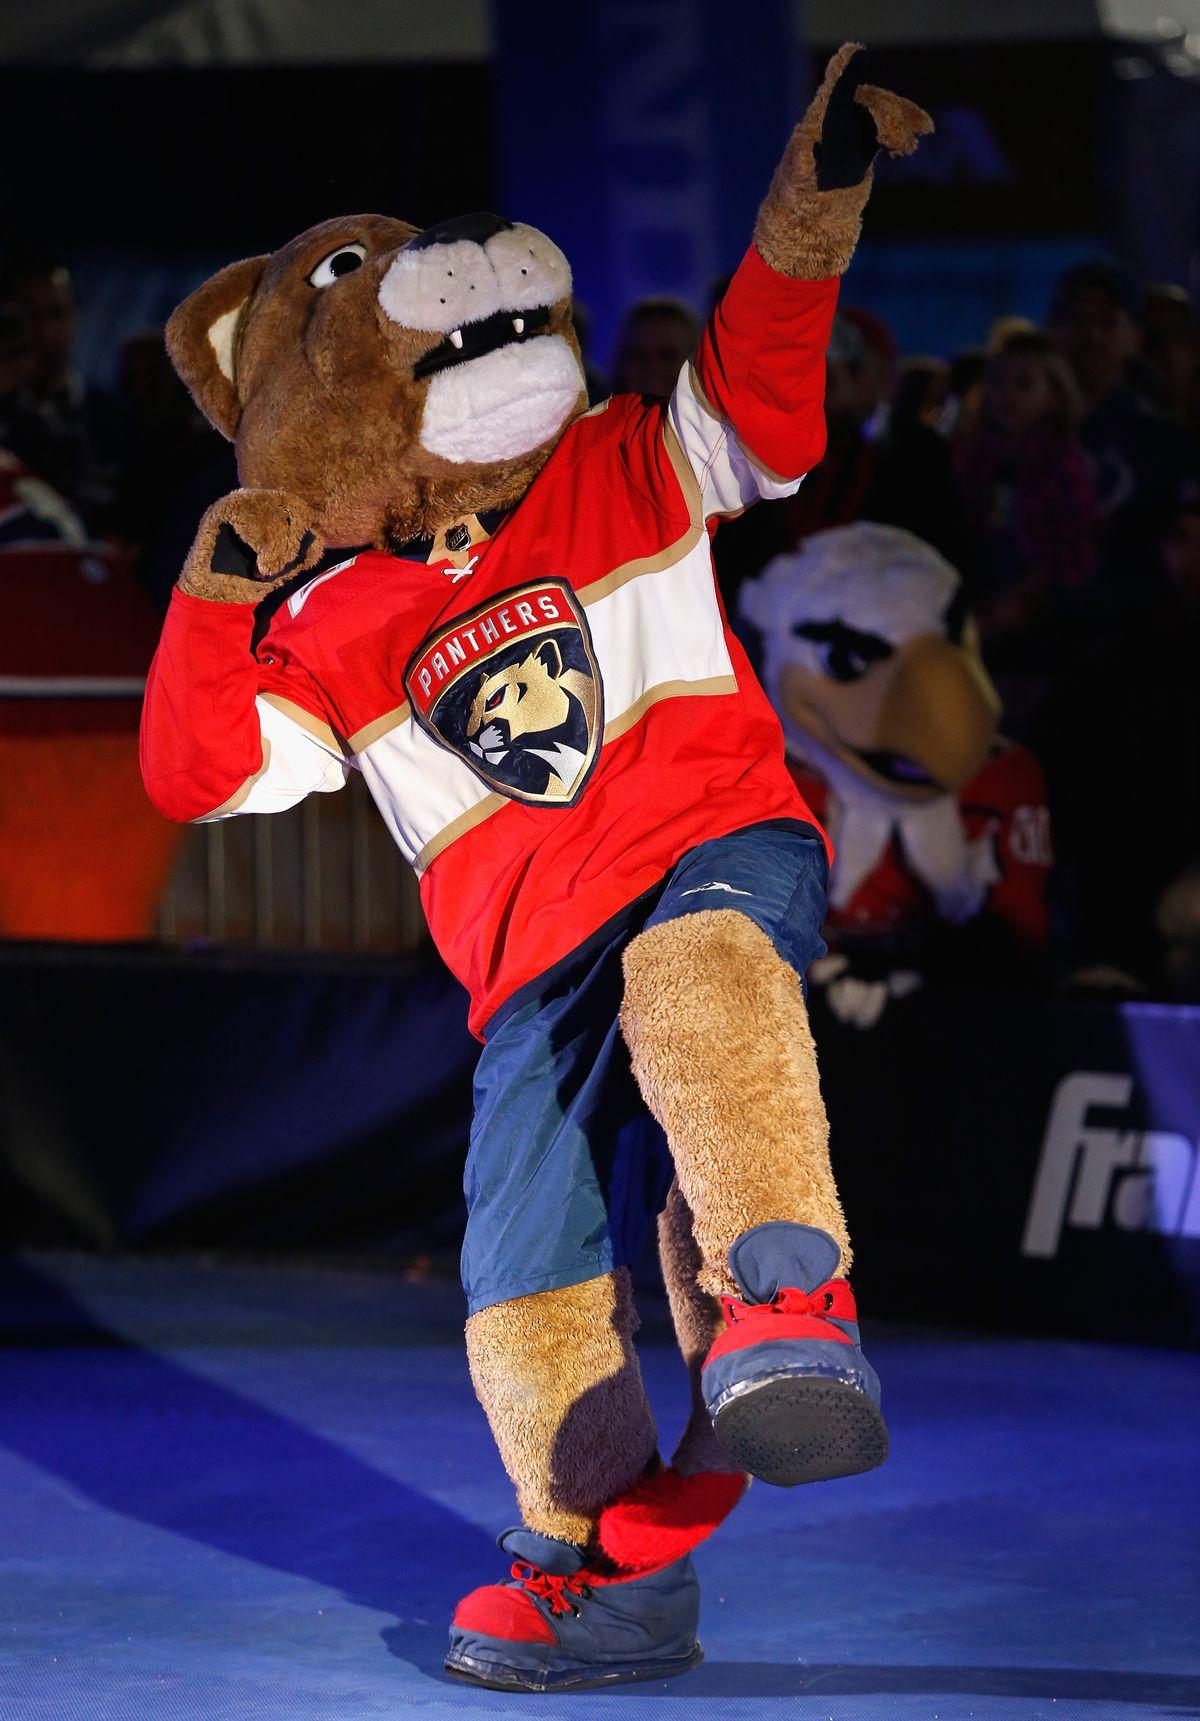 2018 NHL All-Star - PreGame & Mascot Showdown